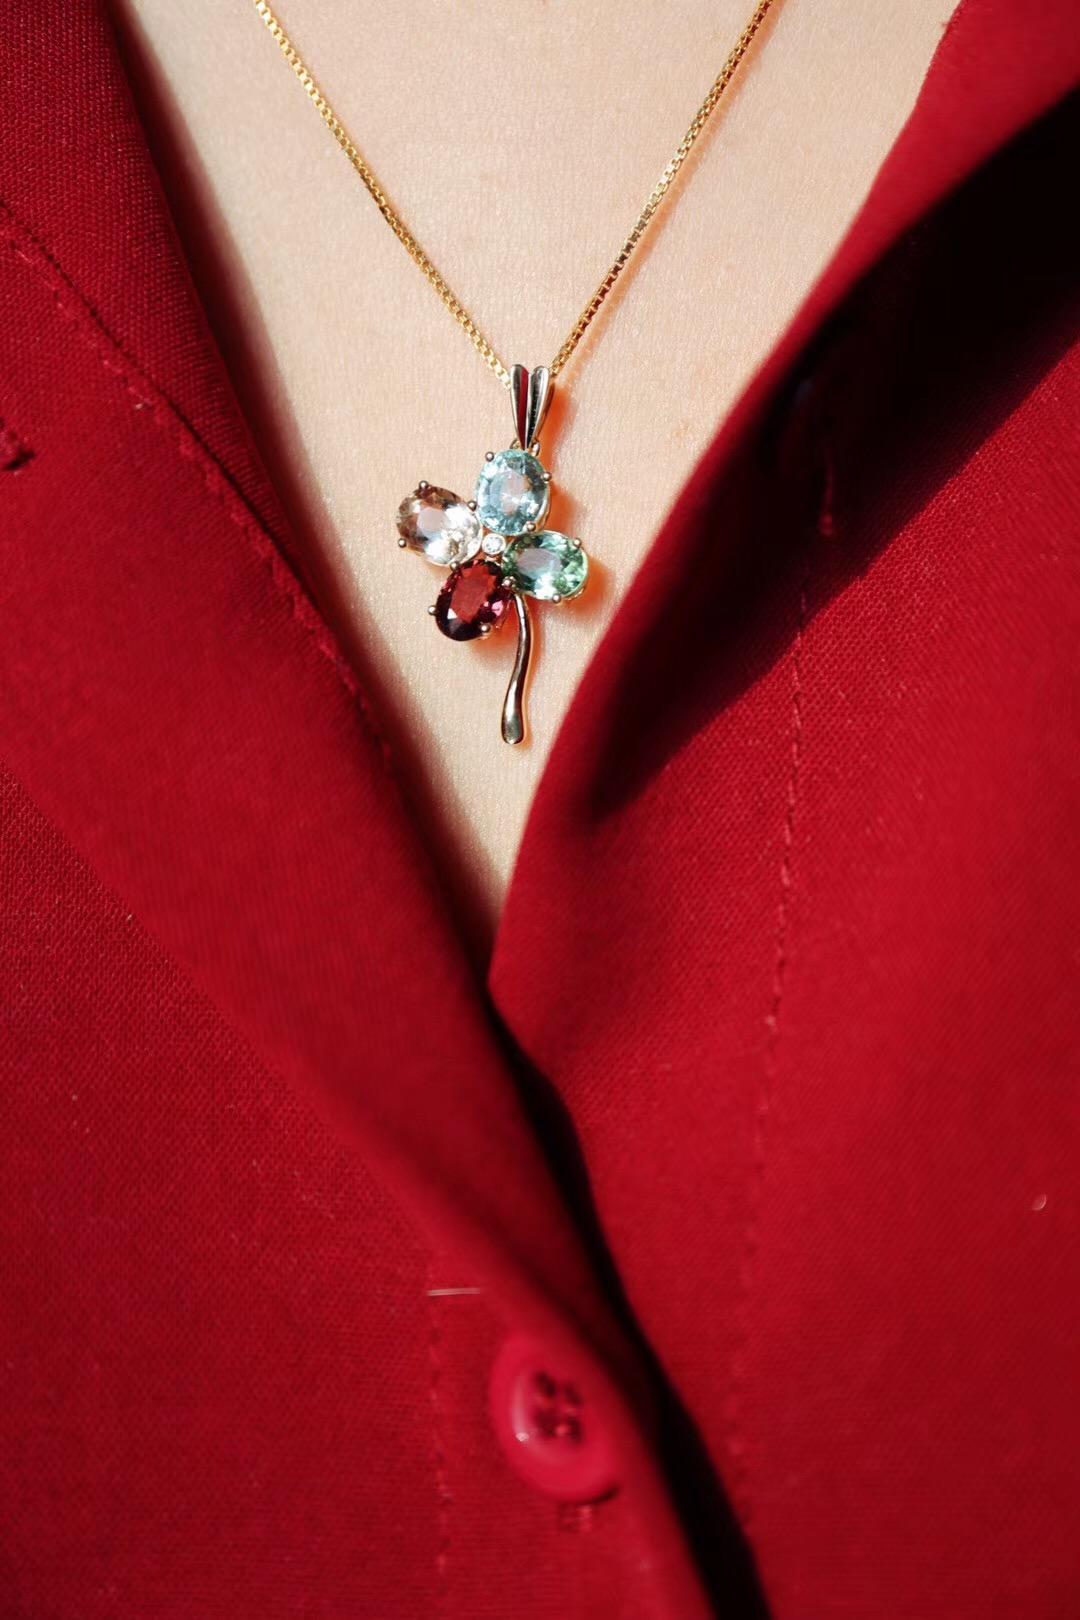 【碧玺&四叶草】在十一月里藏好来自十月的浪漫-菩心晶舍